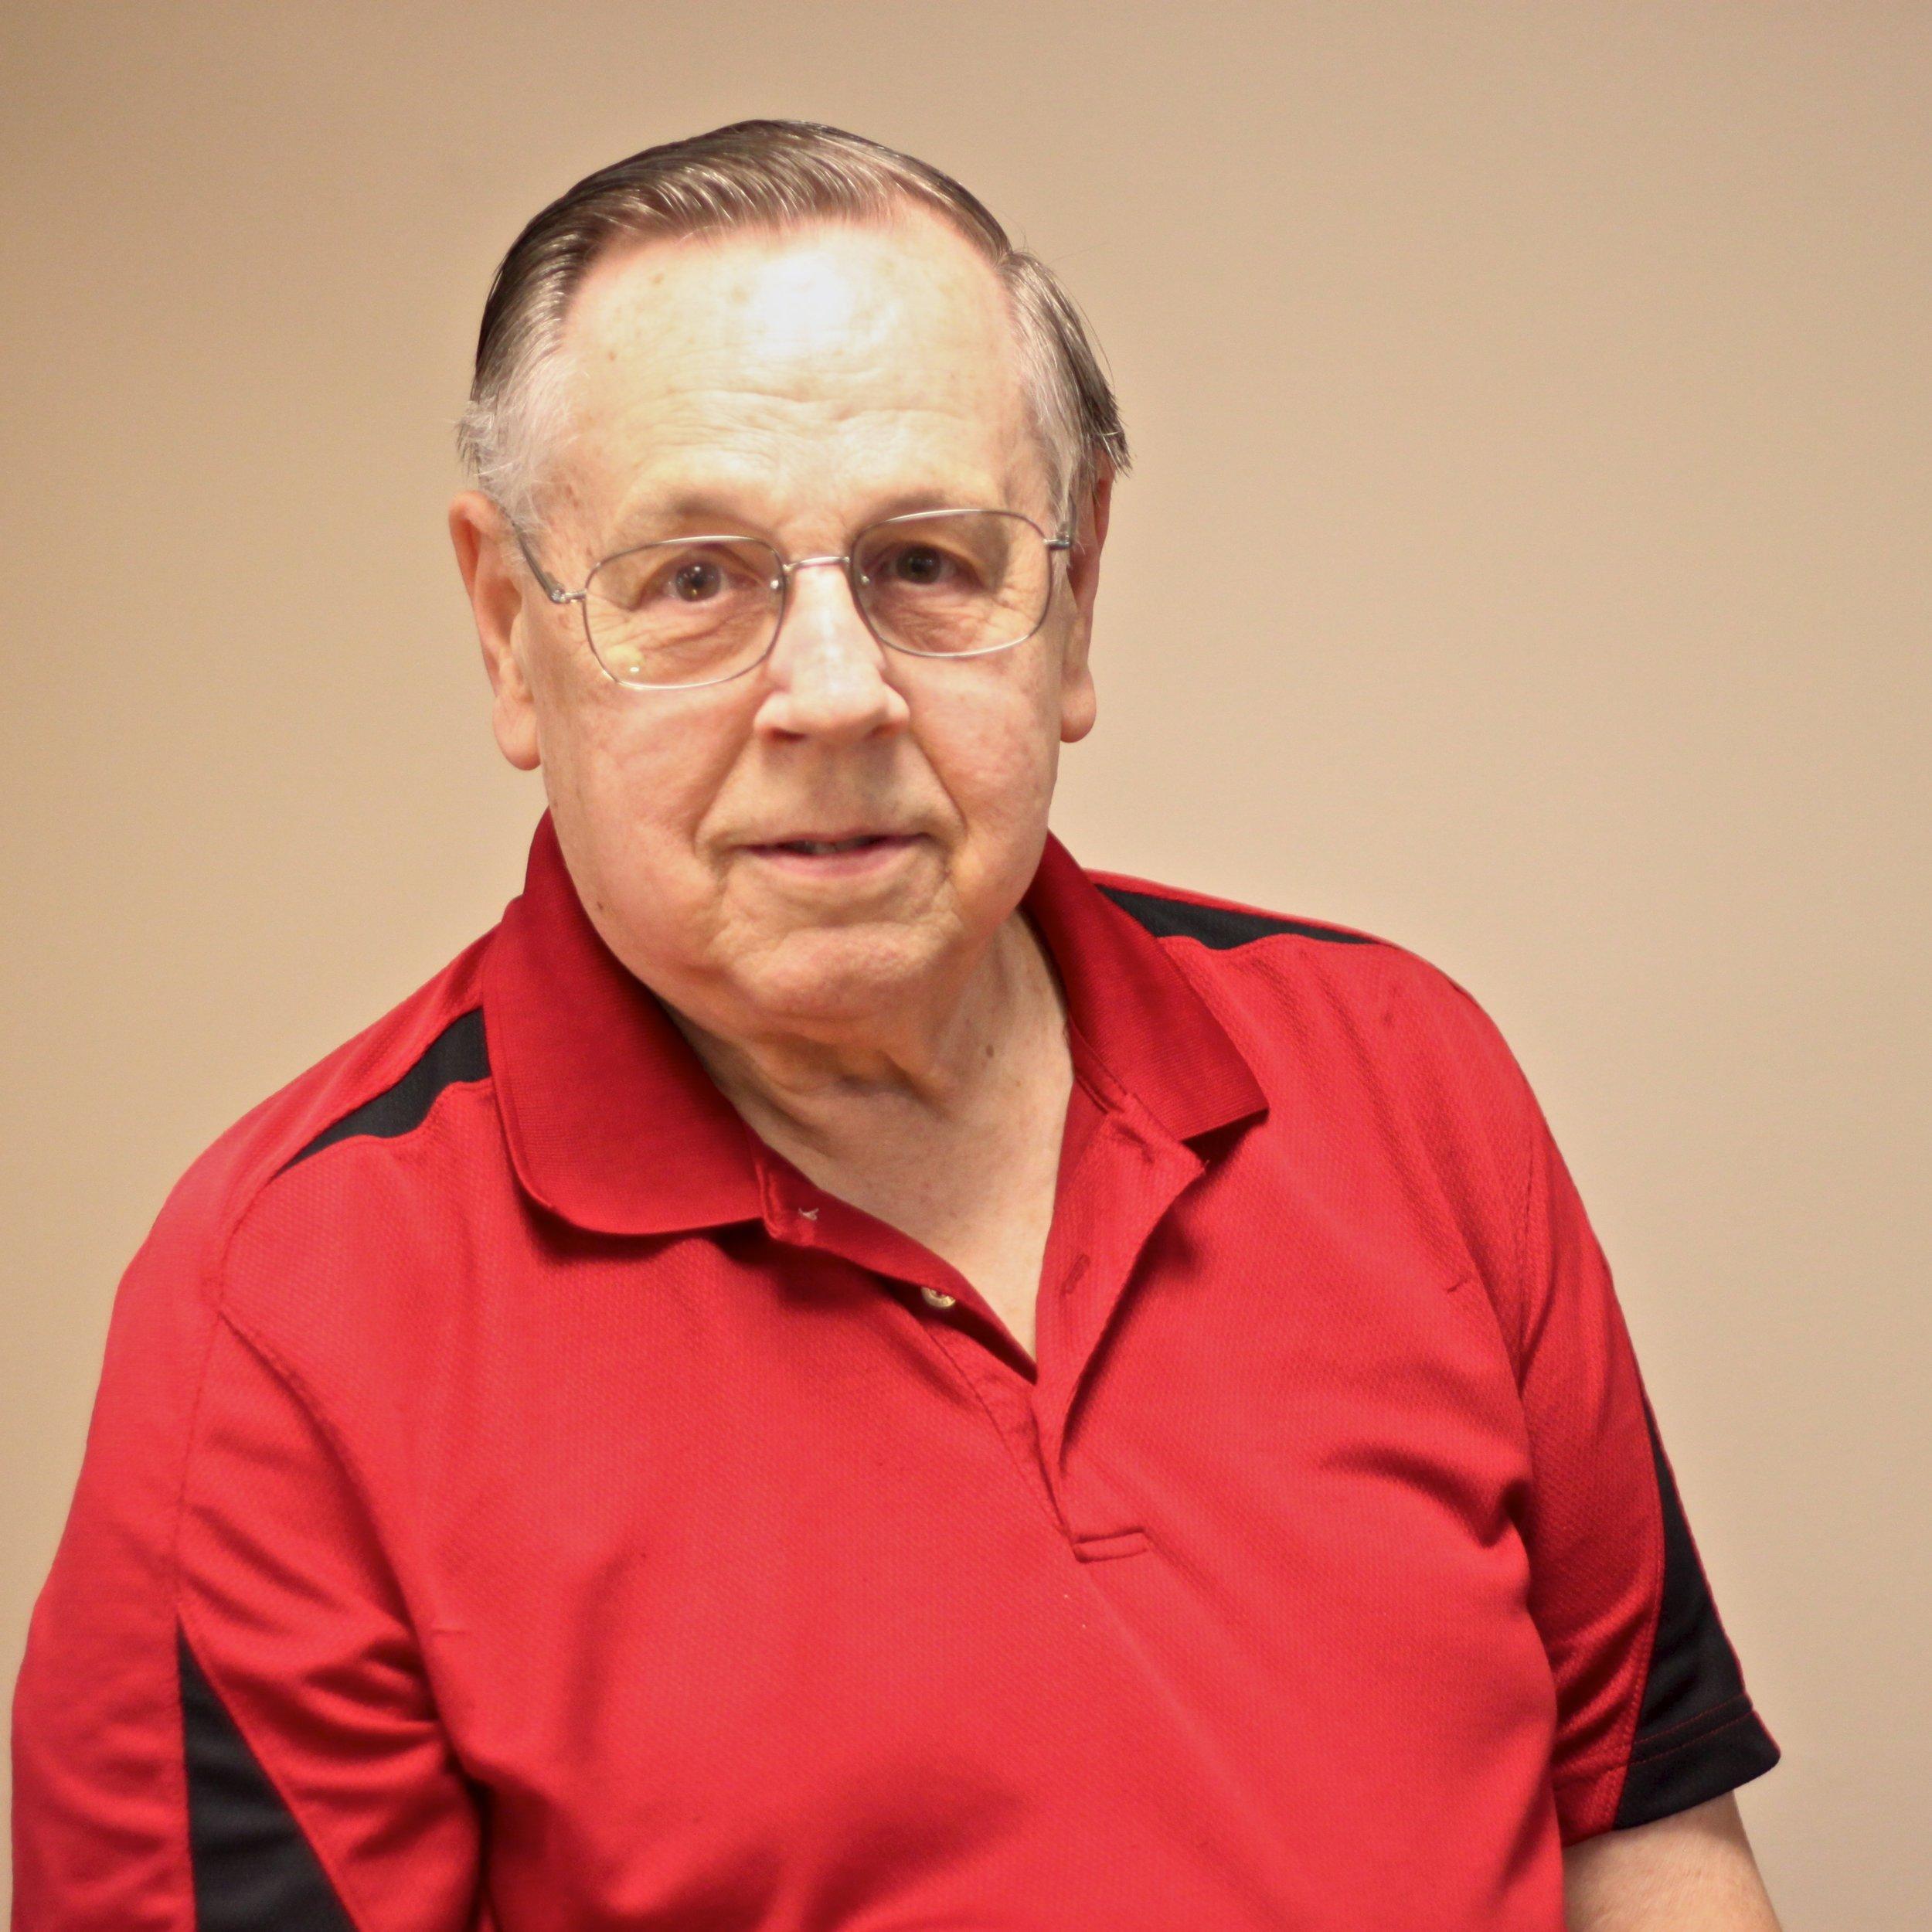 Jerry Schara / jwschara@hotmail.com